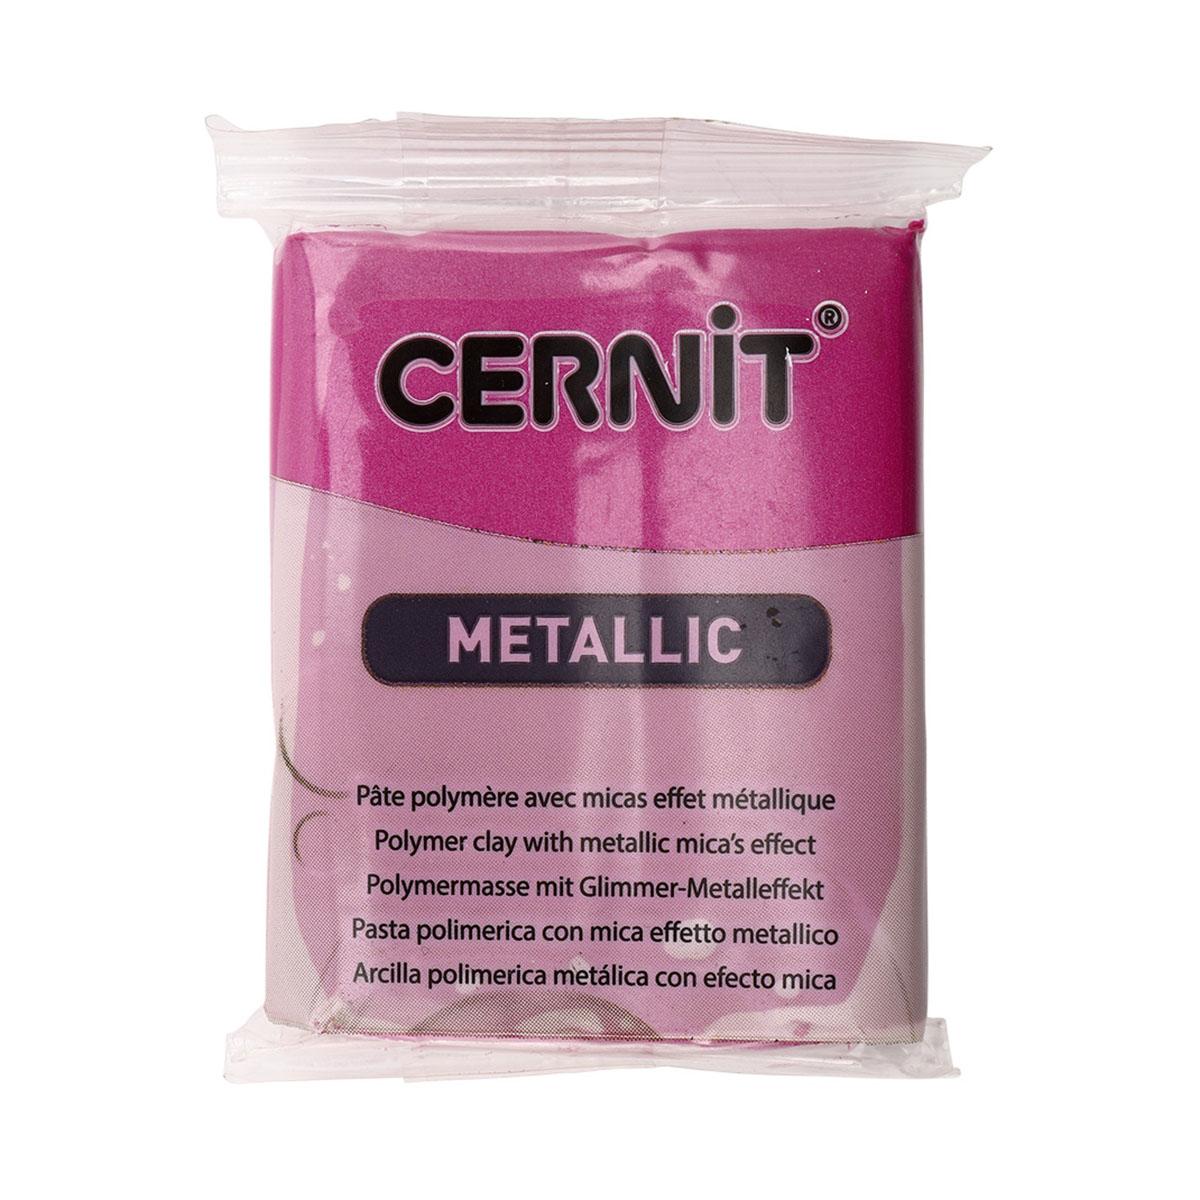 CE0870056 Пластика полимерная запекаемая 'Cernit METALLIC' 56 гр.